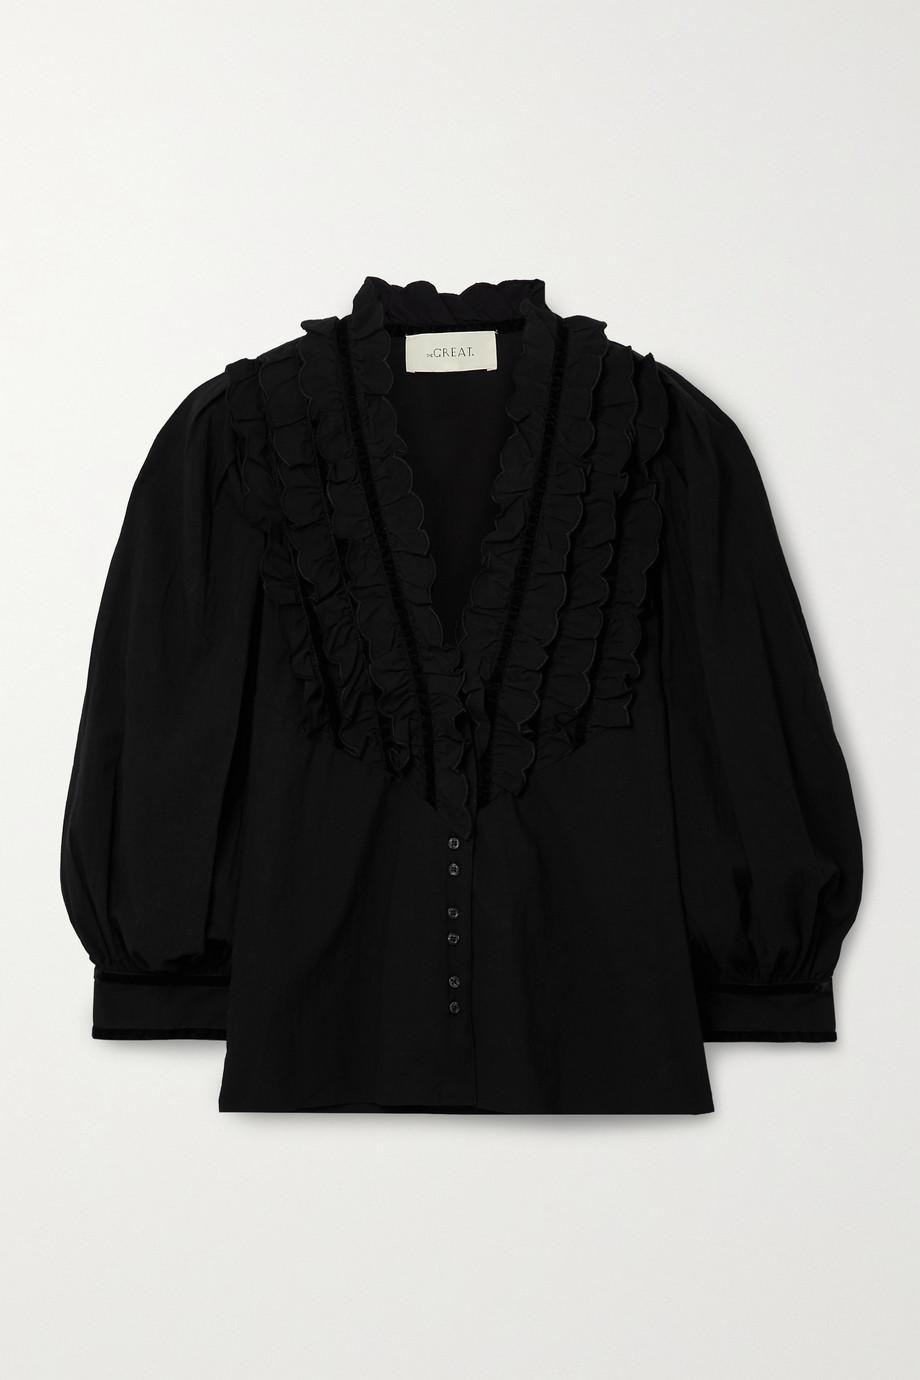 The Great The Tuxedo ruffled velvet-trimmed crinkled cotton-voile blouse